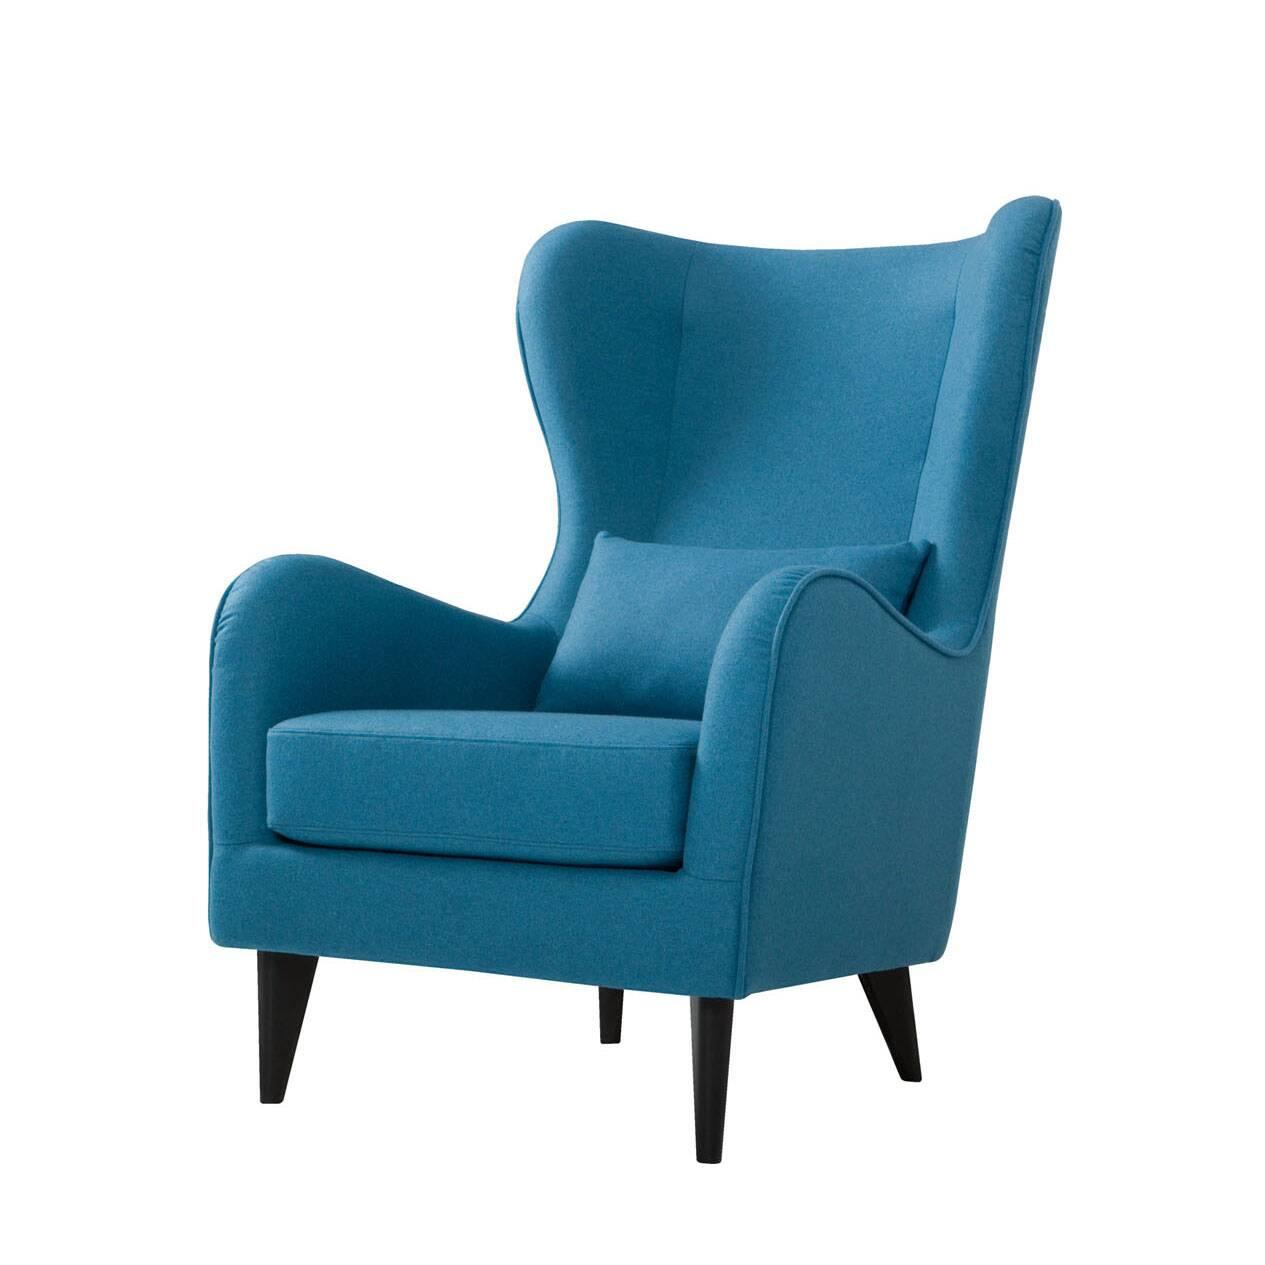 Кресло GretaИнтерьерные<br>Дизайнерское классическое удобное однотонное кресло Greta (Грета) с обивкой из хлопка, льна от Sits (Ситс).<br><br><br> Если вы ищете комфортное  и красивое кресло, которое сможет подойти как для личного отдыха, так и для уютного рабочего кабинета, то кресло Greta заслуживает вашего особого внимания. Его удобная, анатомической формы спинка и не менее удобные подлокотники способствуют действительно качественному отдыху и не дадут утомиться вашей спине. Расположенные с двух сторон «уши» позволят п...<br><br>stock: 0<br>Высота: 108<br>Высота сиденья: 45<br>Ширина: 77<br>Глубина: 93<br>Цвет ножек: Черный<br>Материал обивки: Шерсть, Полиамид<br>Степень комфортности: Стандарт комфорт<br>Коллекция ткани: Категория ткани III<br>Тип материала обивки: Ткань<br>Тип материала ножек: Дерево<br>Цвет обивки: Бирюзовый